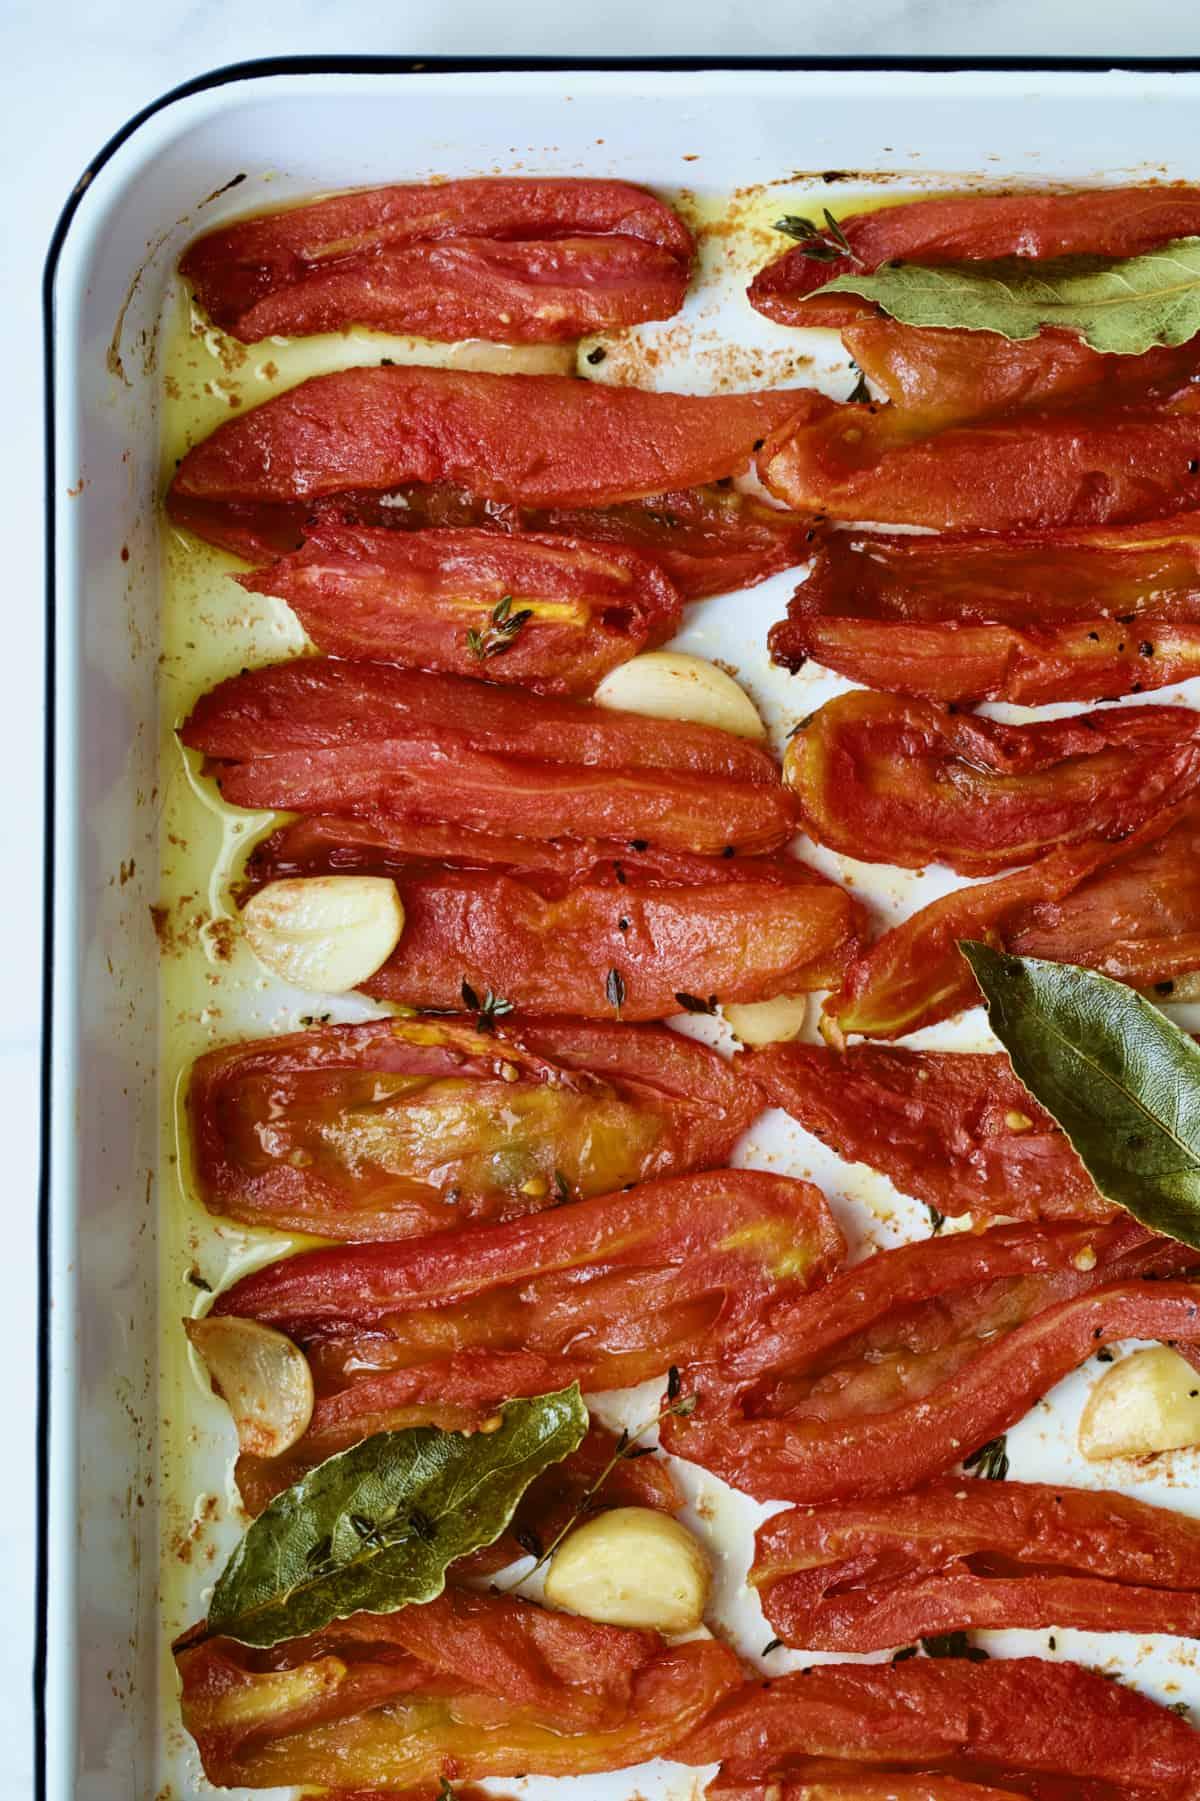 Tomato Confit on white enameled baking sheet.